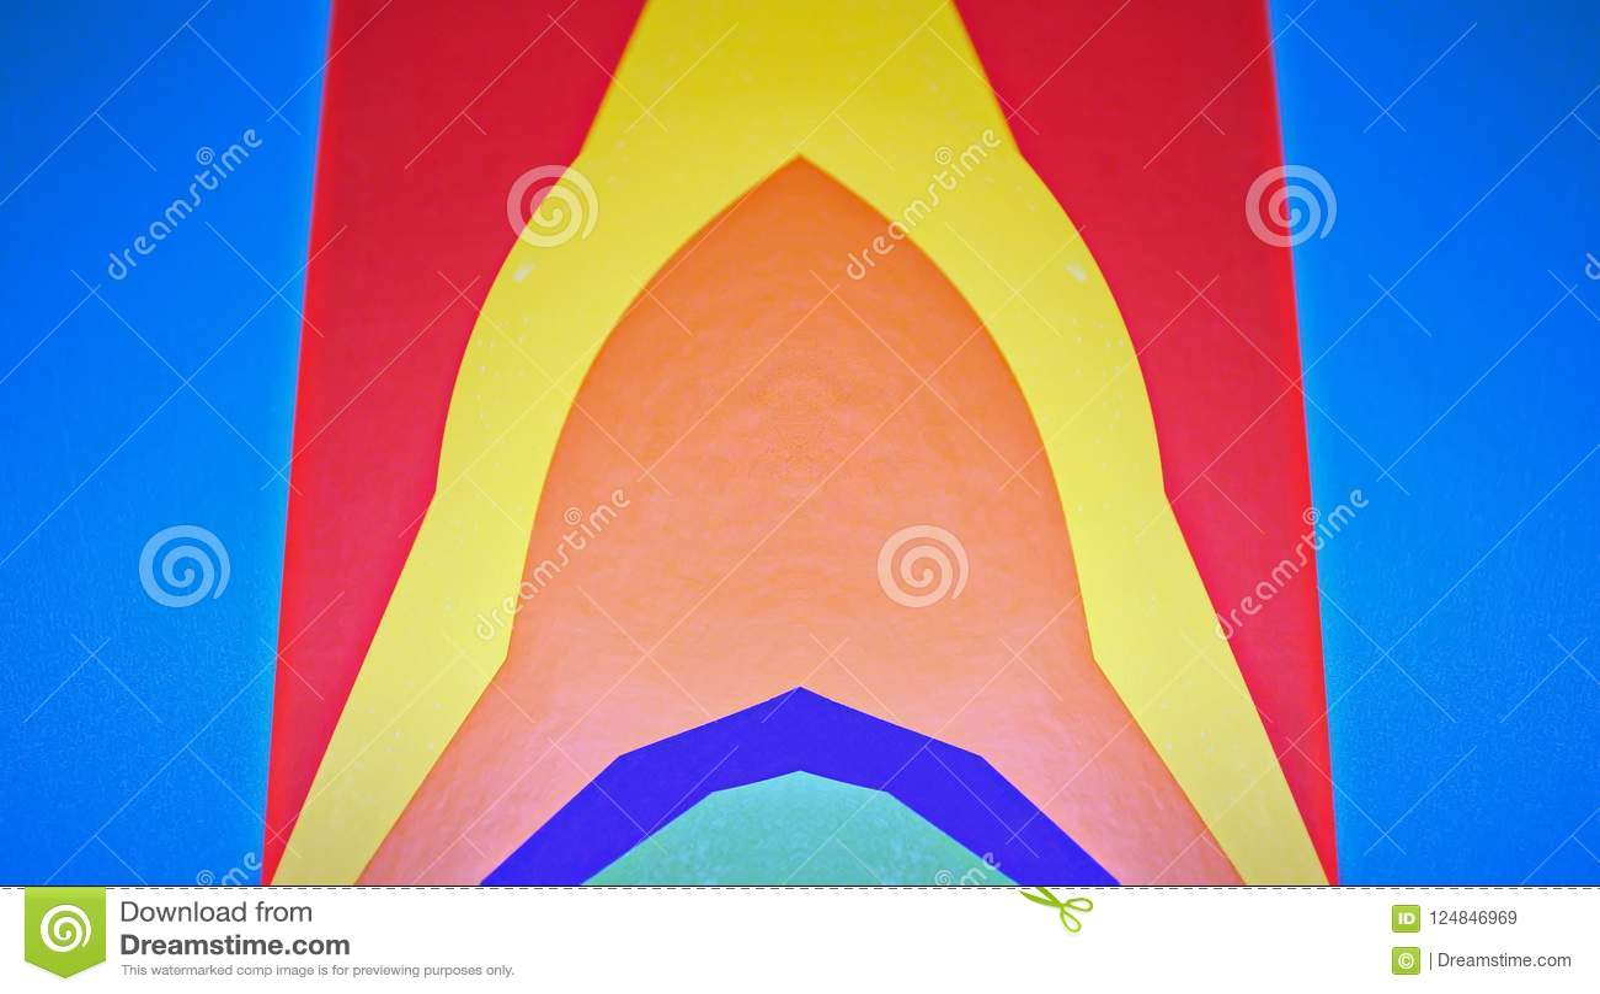 De geometrische lijnen, hoeken, cirkels, kleurden en zwart-witte tekeningen, geklets NS, beelden voor illustraties en achtergrond